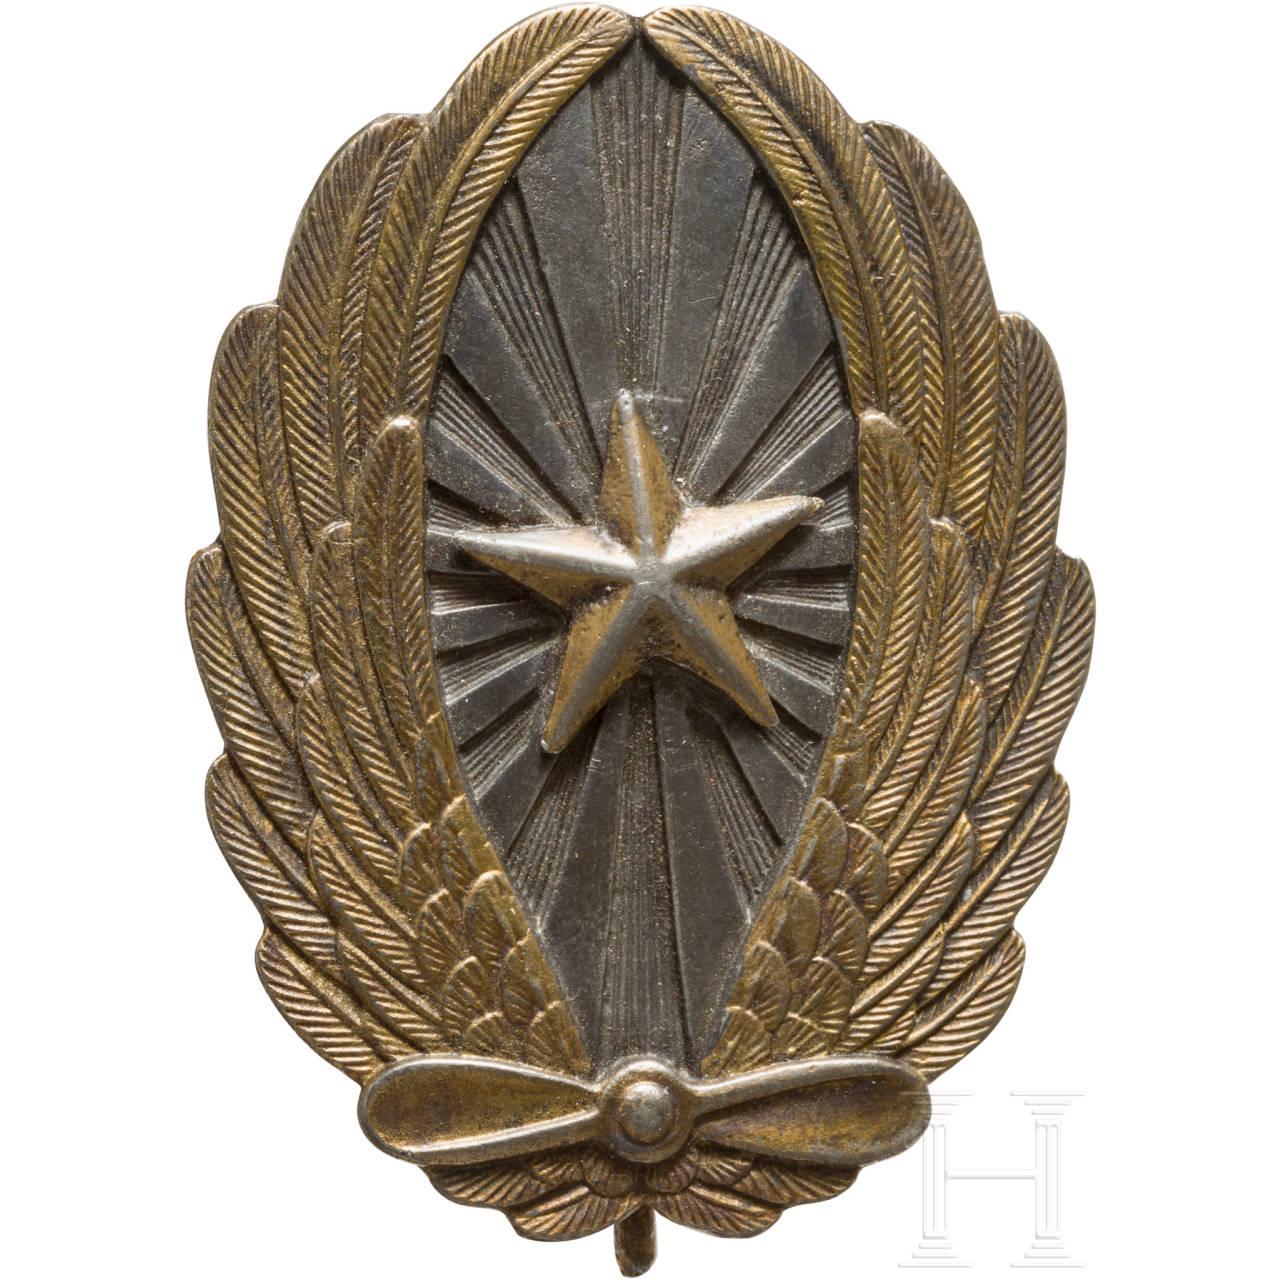 Fliegerabzeichen für Offiziere der Armee, 2. Weltkrieg